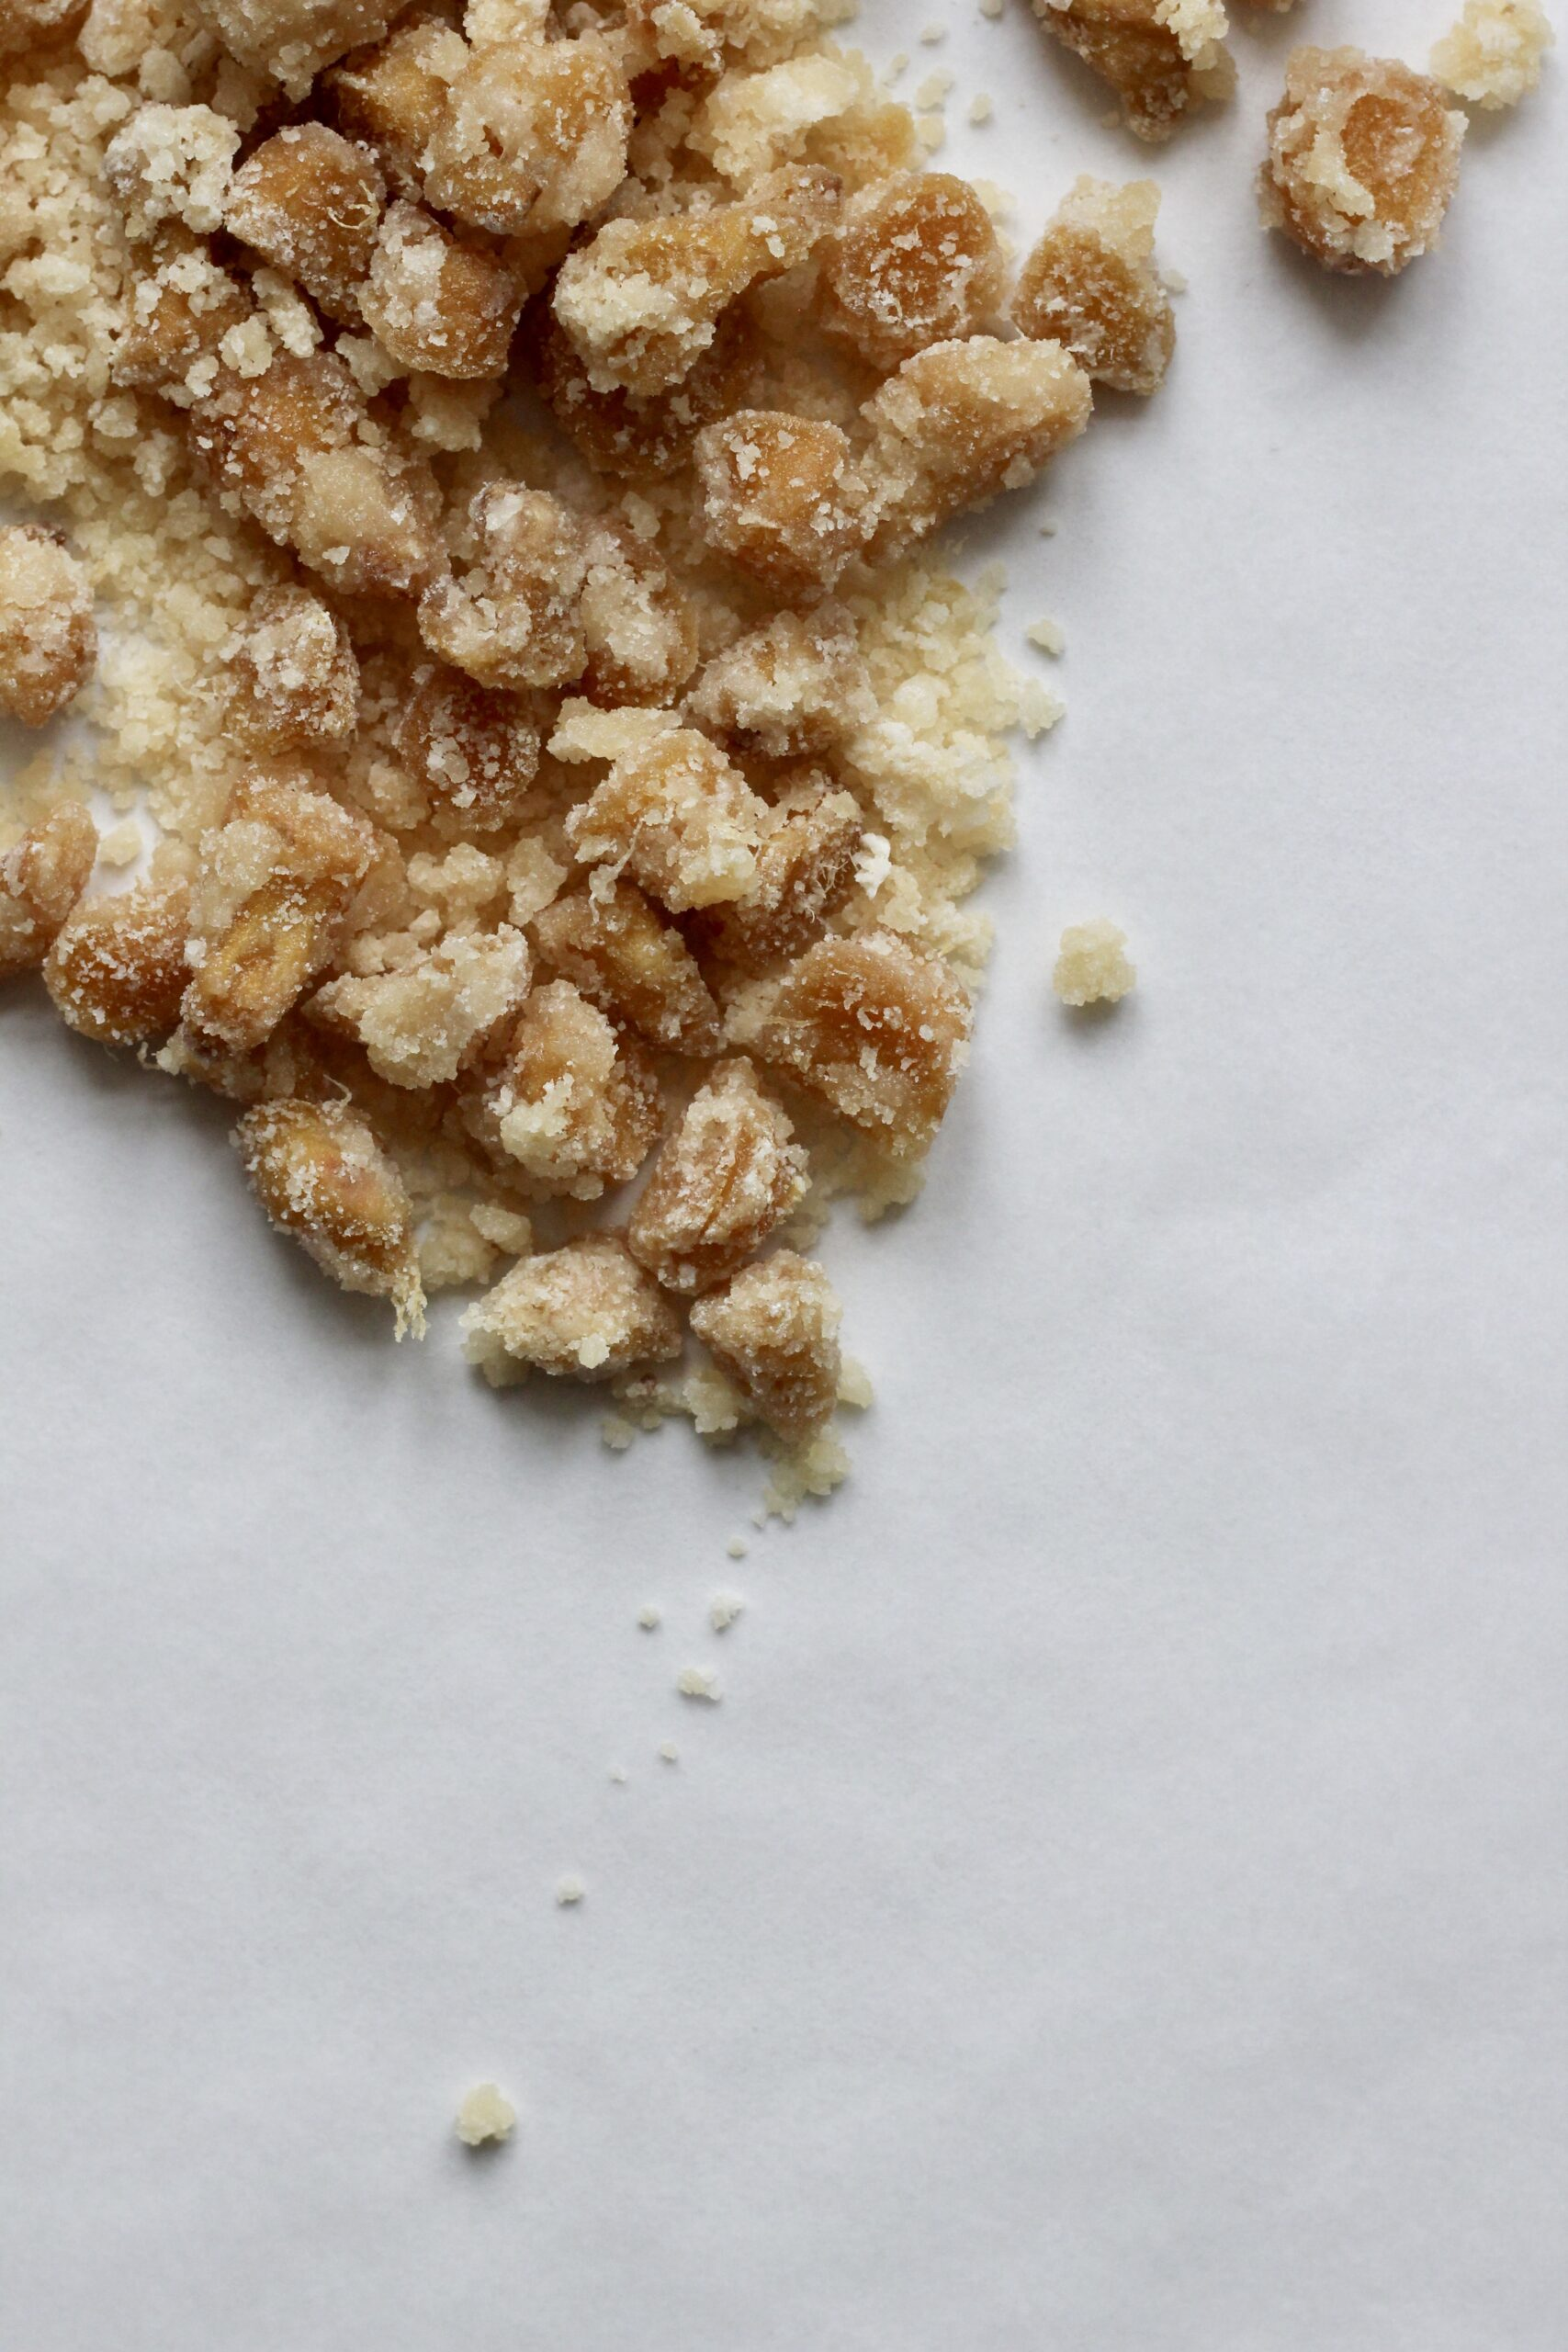 Billede af kandiseret ingefær